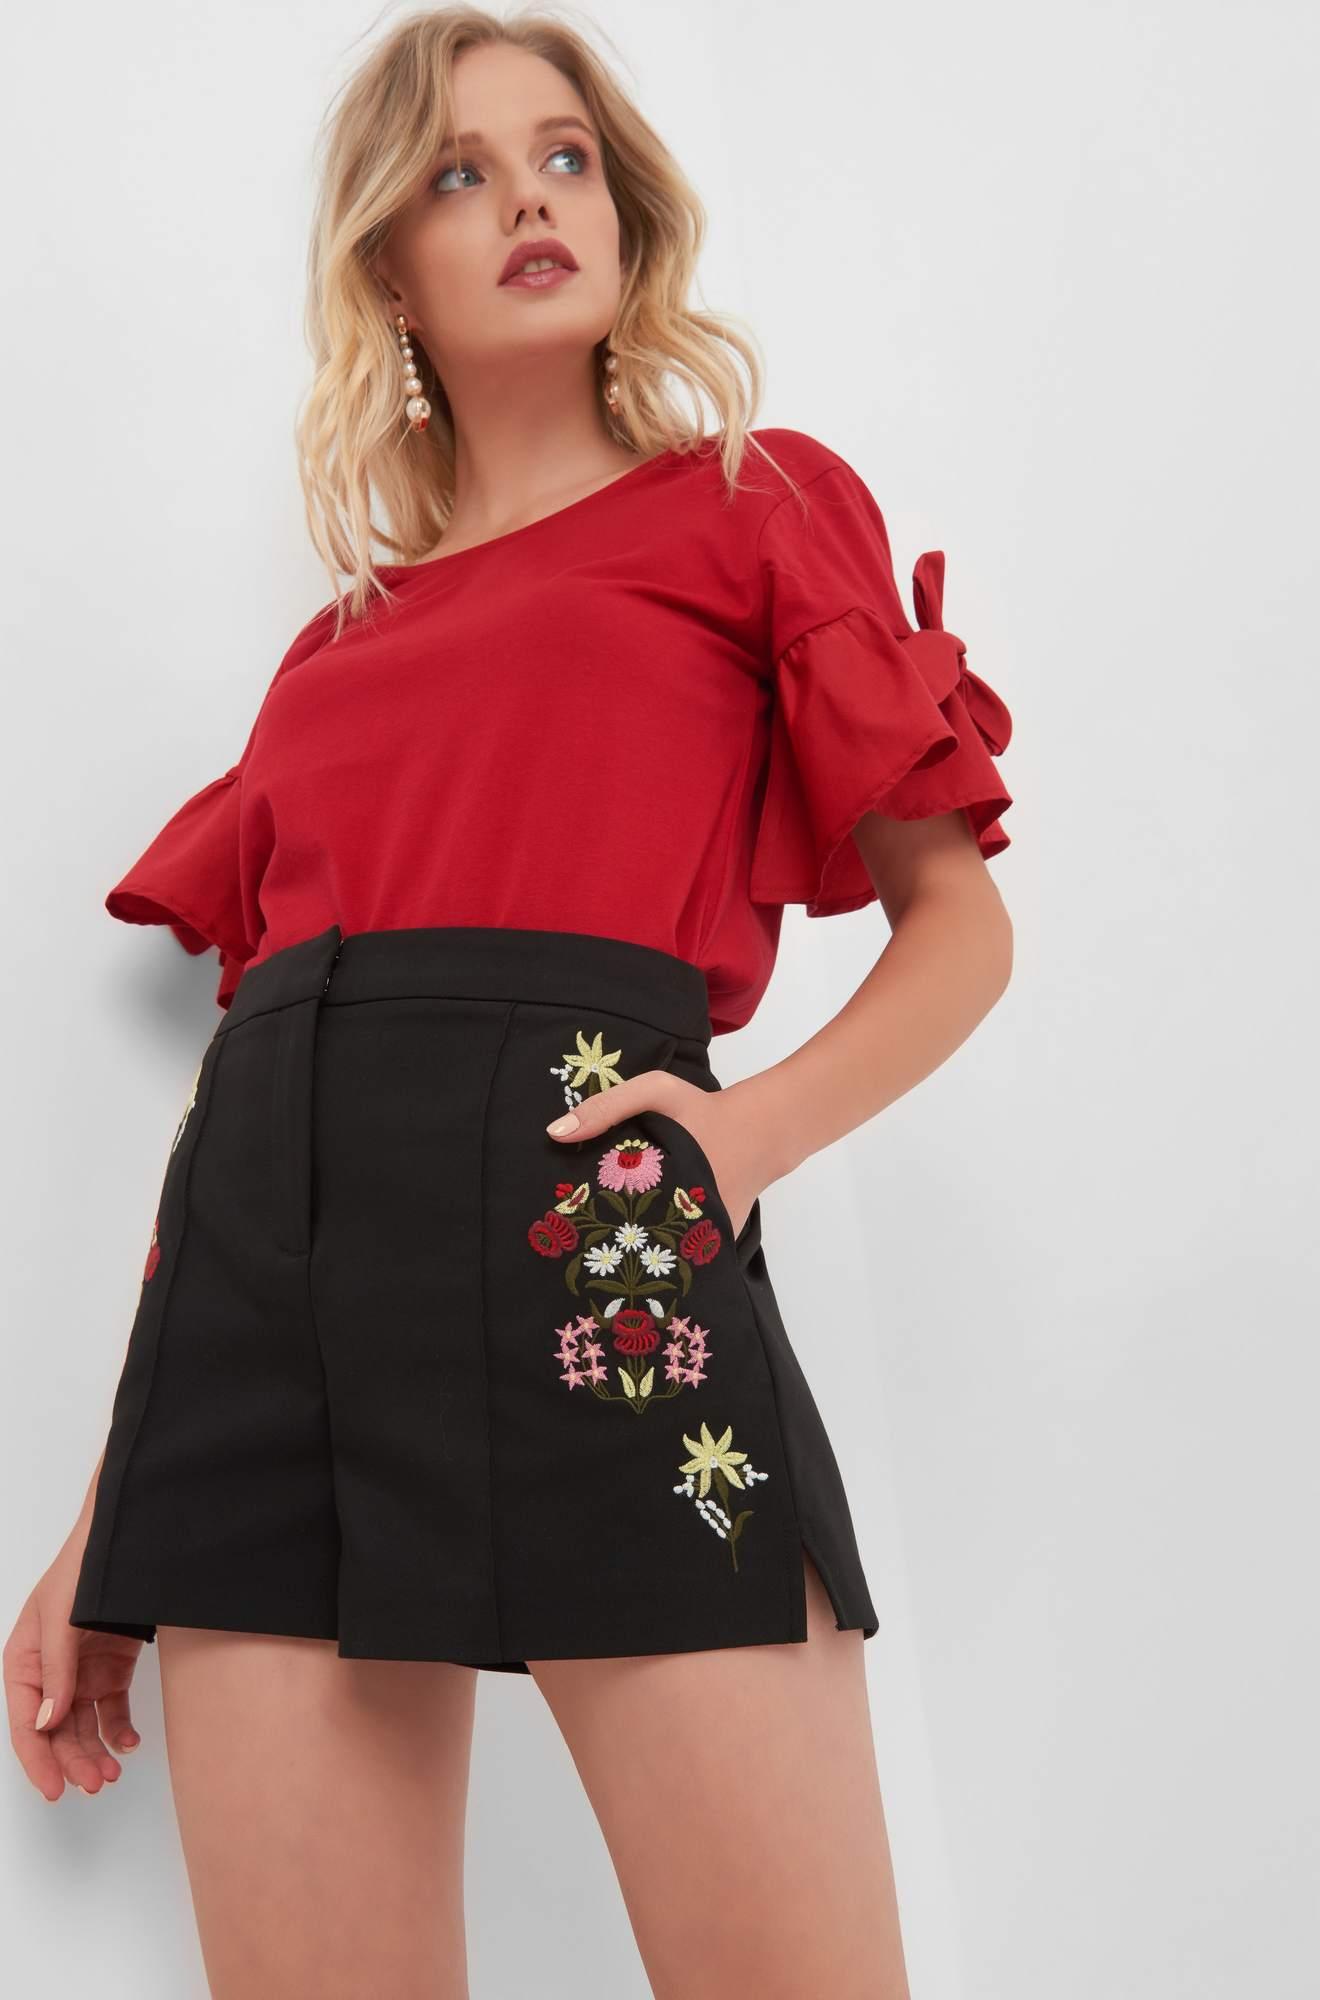 Kurze Hosen mit Blumen-Stickerei